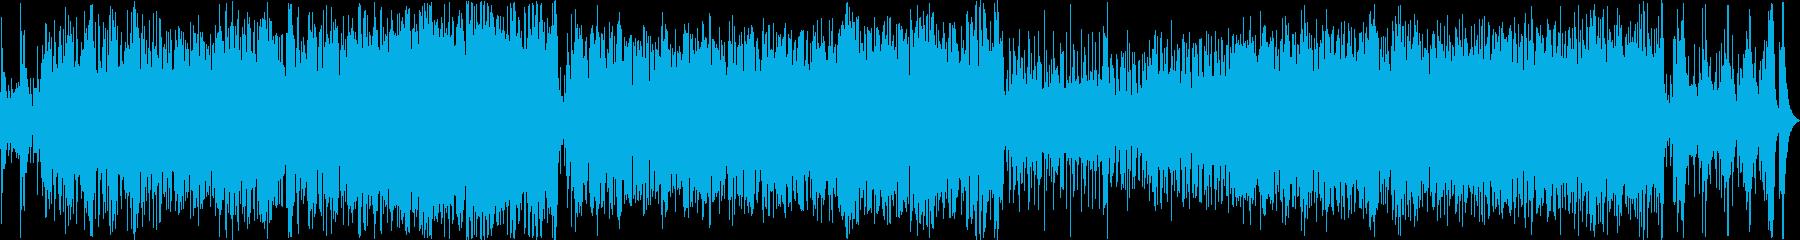 ラテンバンド風軽快で明るい音楽の再生済みの波形